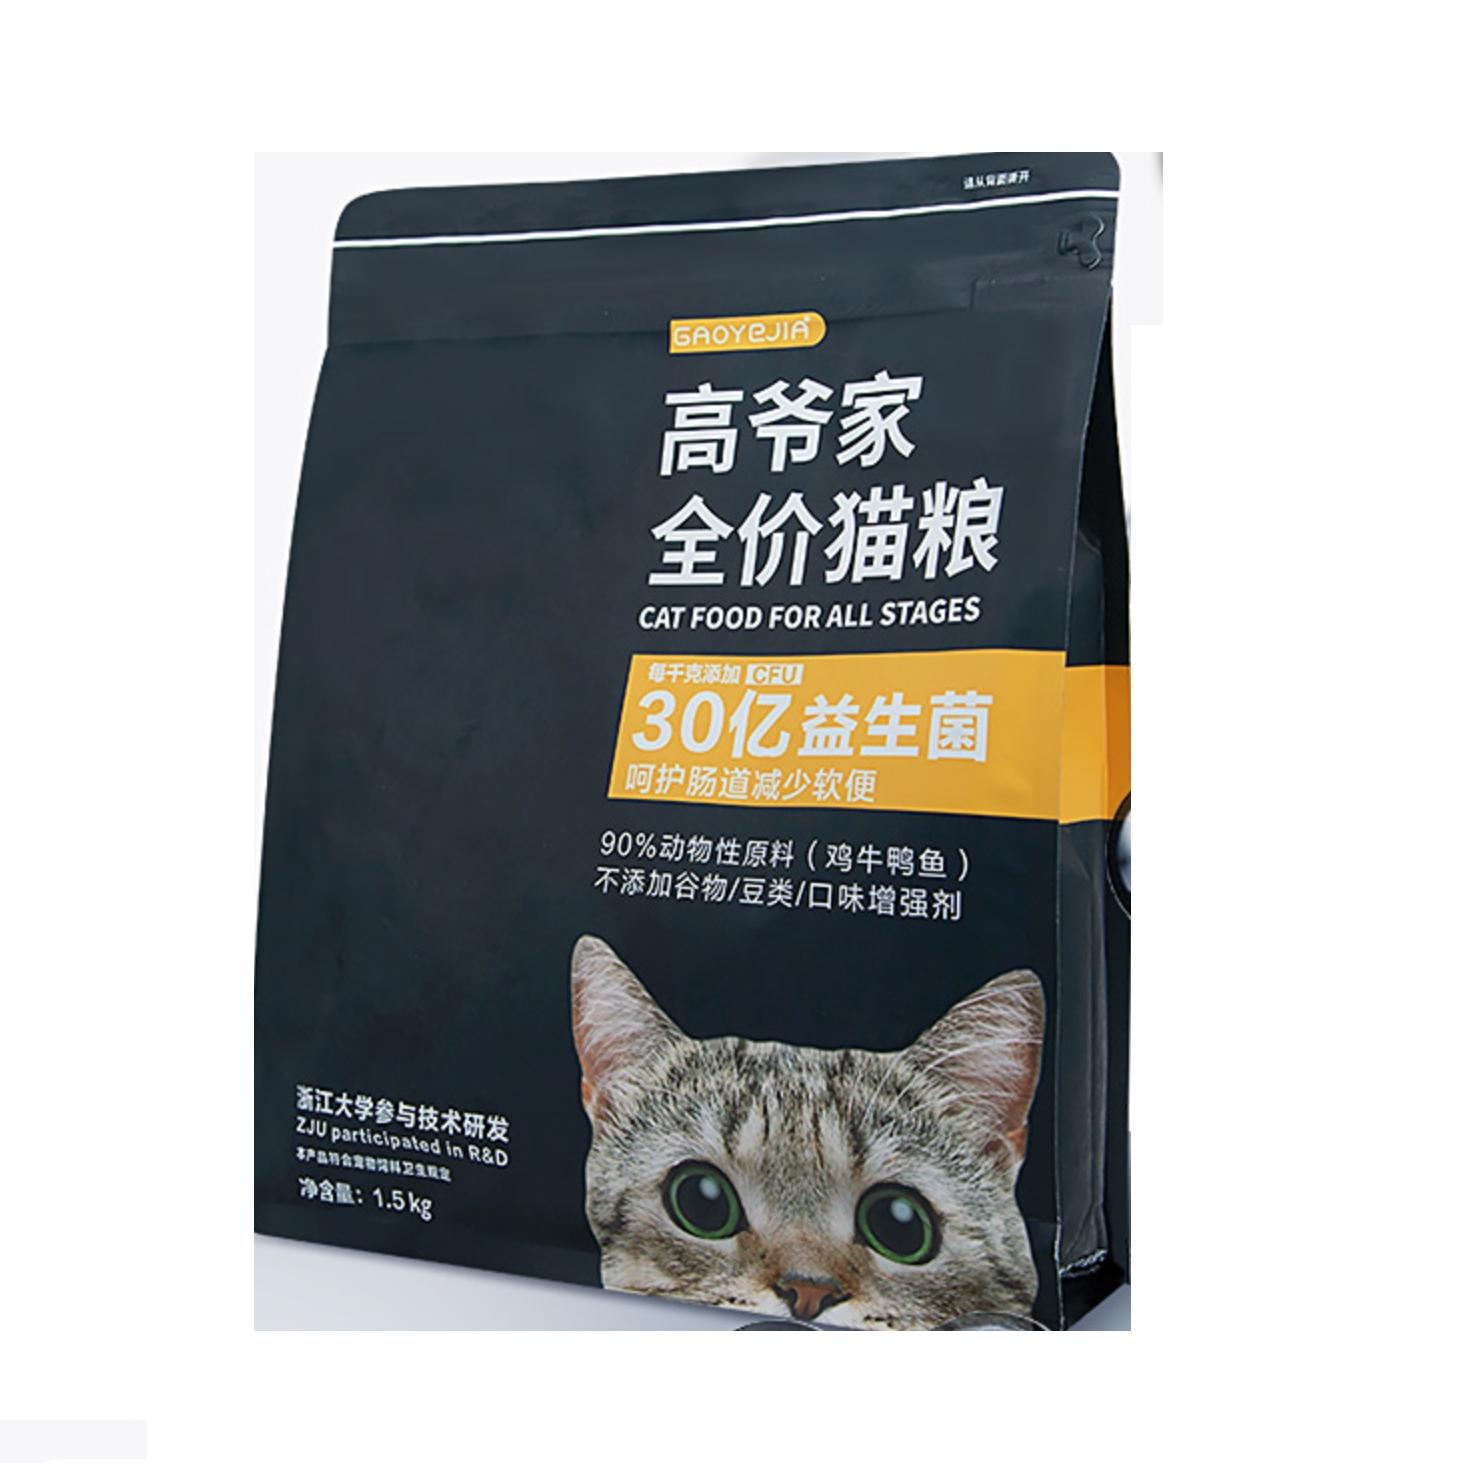 全价冻干猫粮 5.5kg